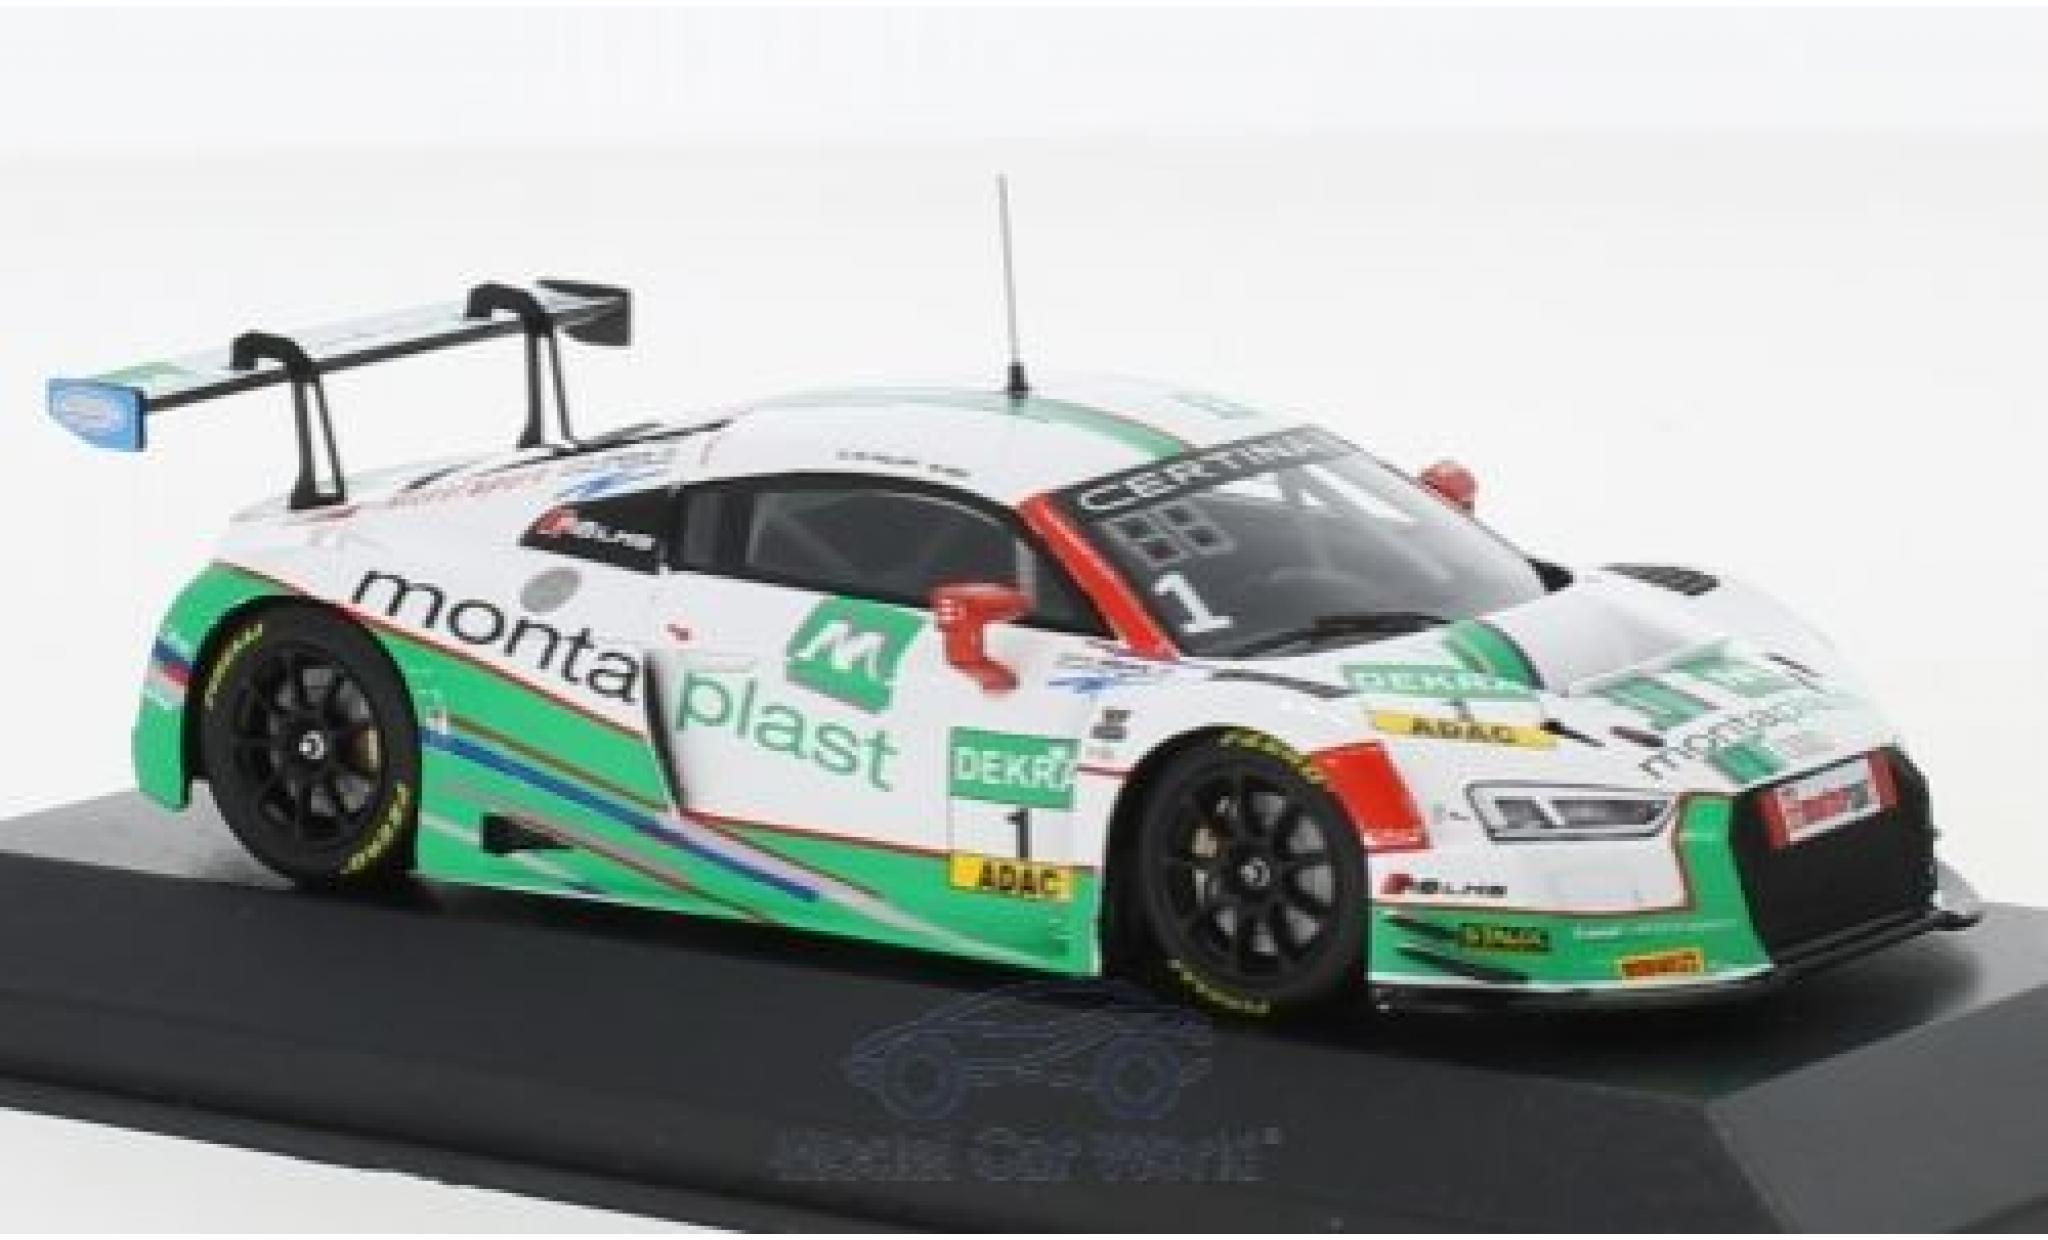 Audi R8 1/43 Minichamps LMS No.1 Montaplast by Land-Motorsport ADAC GT Masters 2017 C.de Phillippi/C.Mies